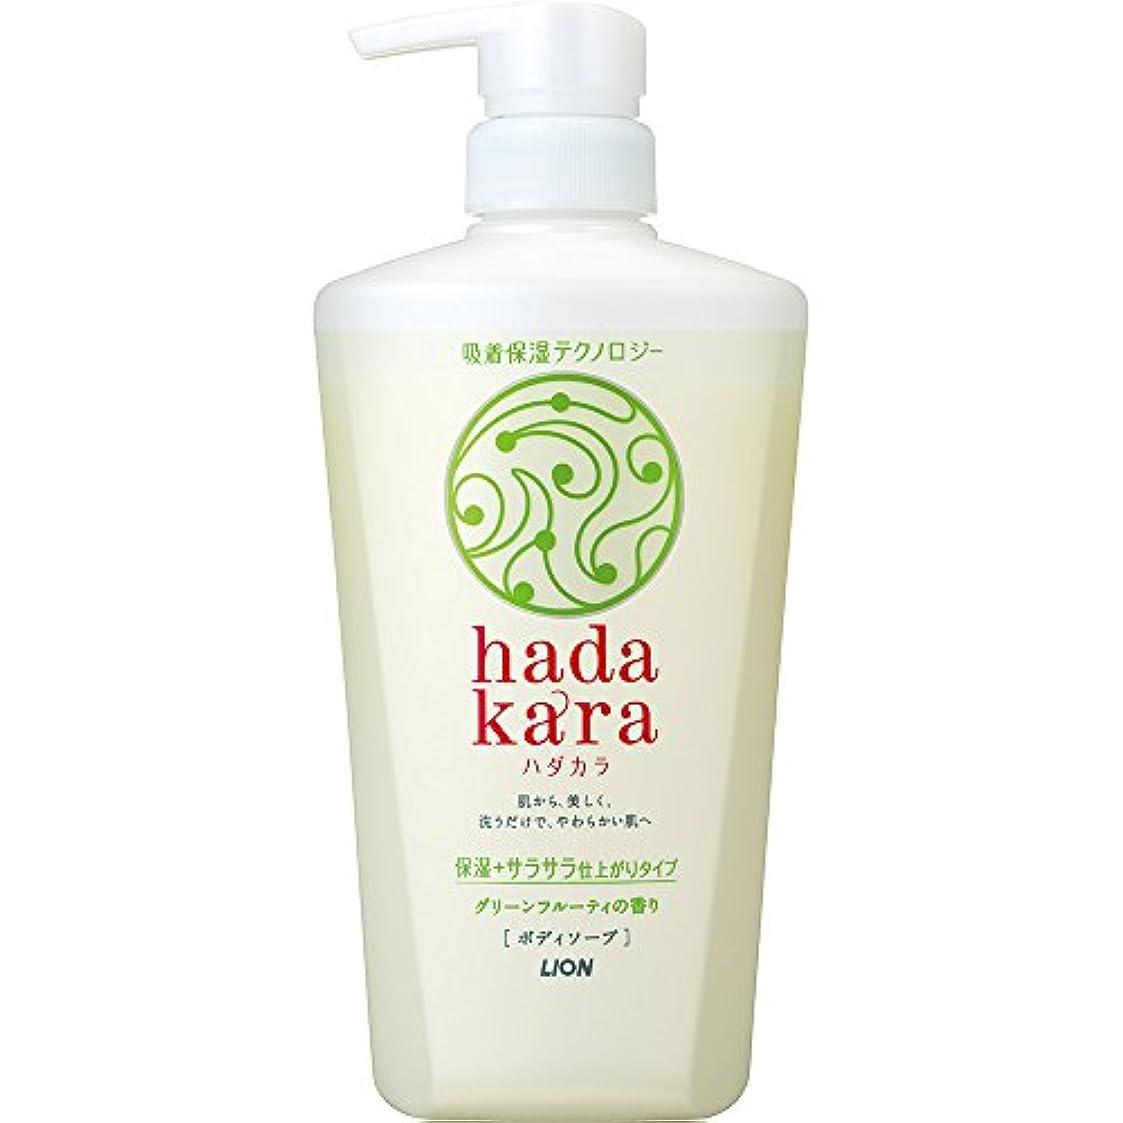 ビート推測愛情深いhadakara(ハダカラ) ボディソープ 保湿+サラサラ仕上がりタイプ グリーンフルーティの香り 本体 480ml